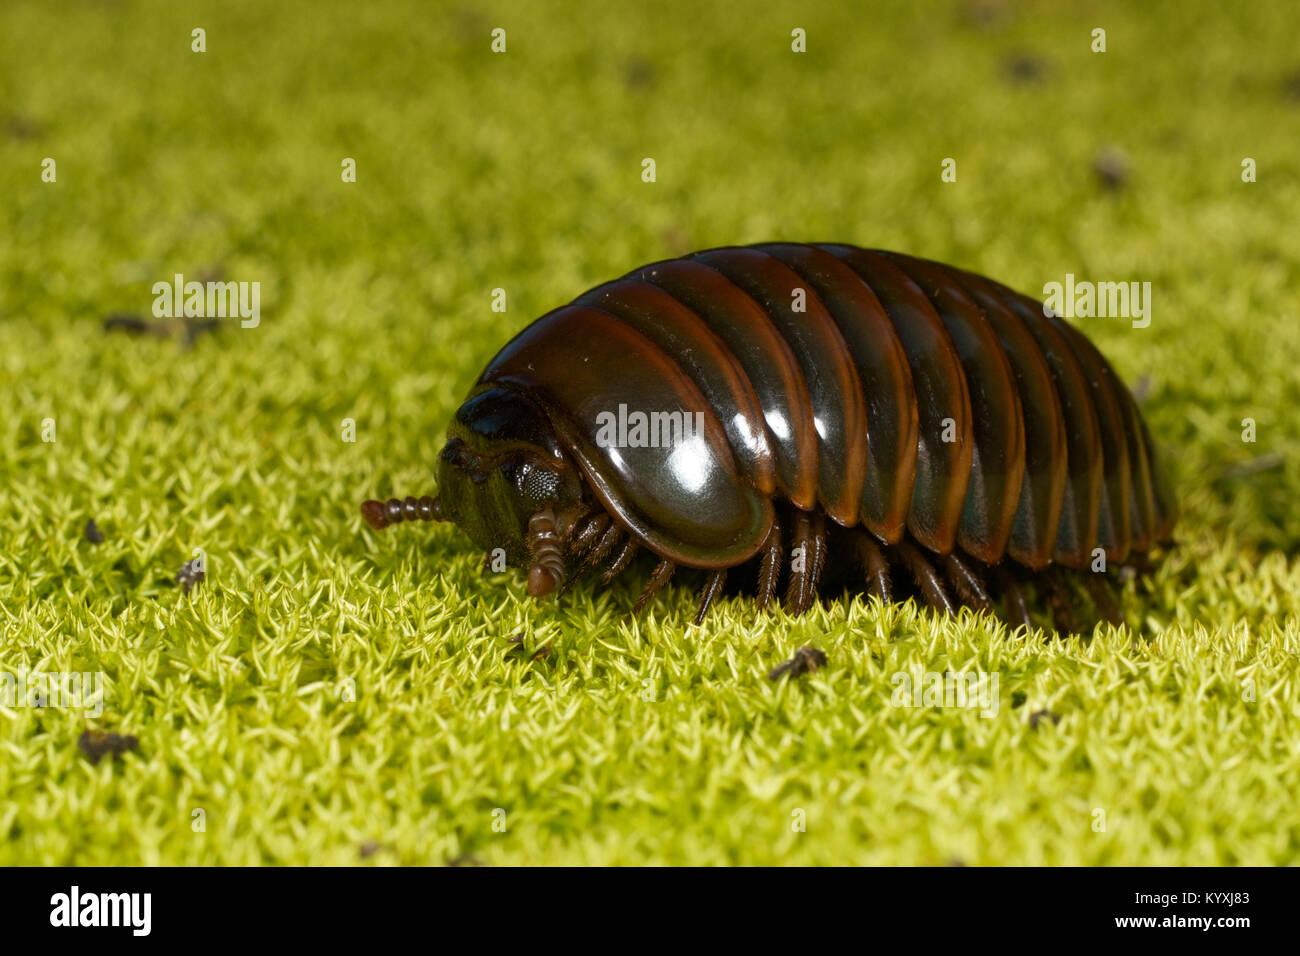 Myriapods Imágenes De Stock & Myriapods Fotos De Stock - Alamy